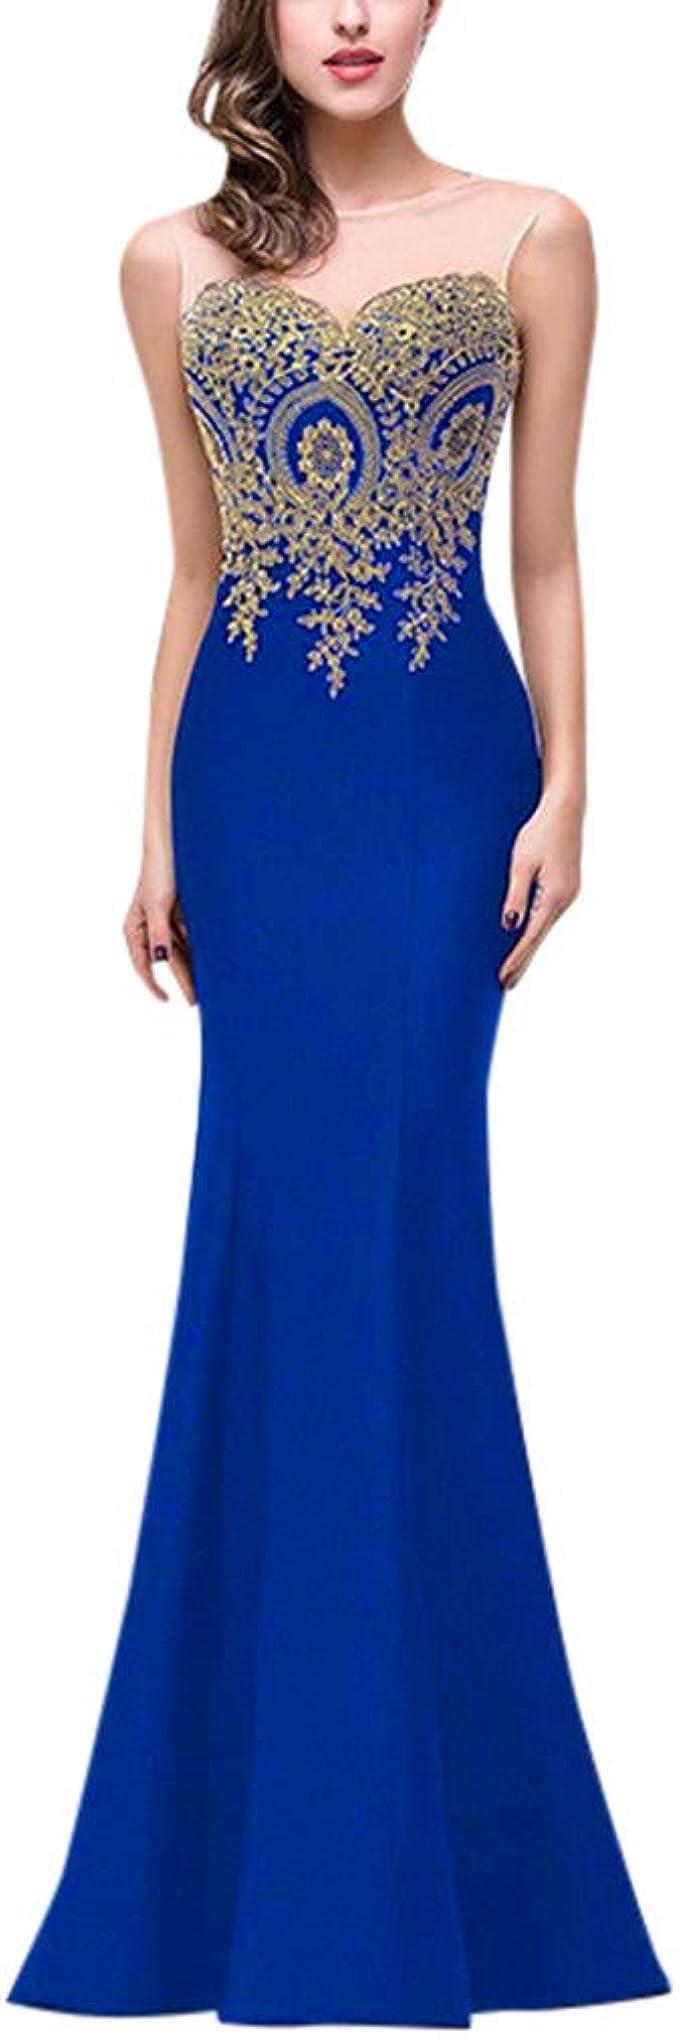 Elecenty Moda Vestido de Noche de Las señoras Boda Dama De Honor ...